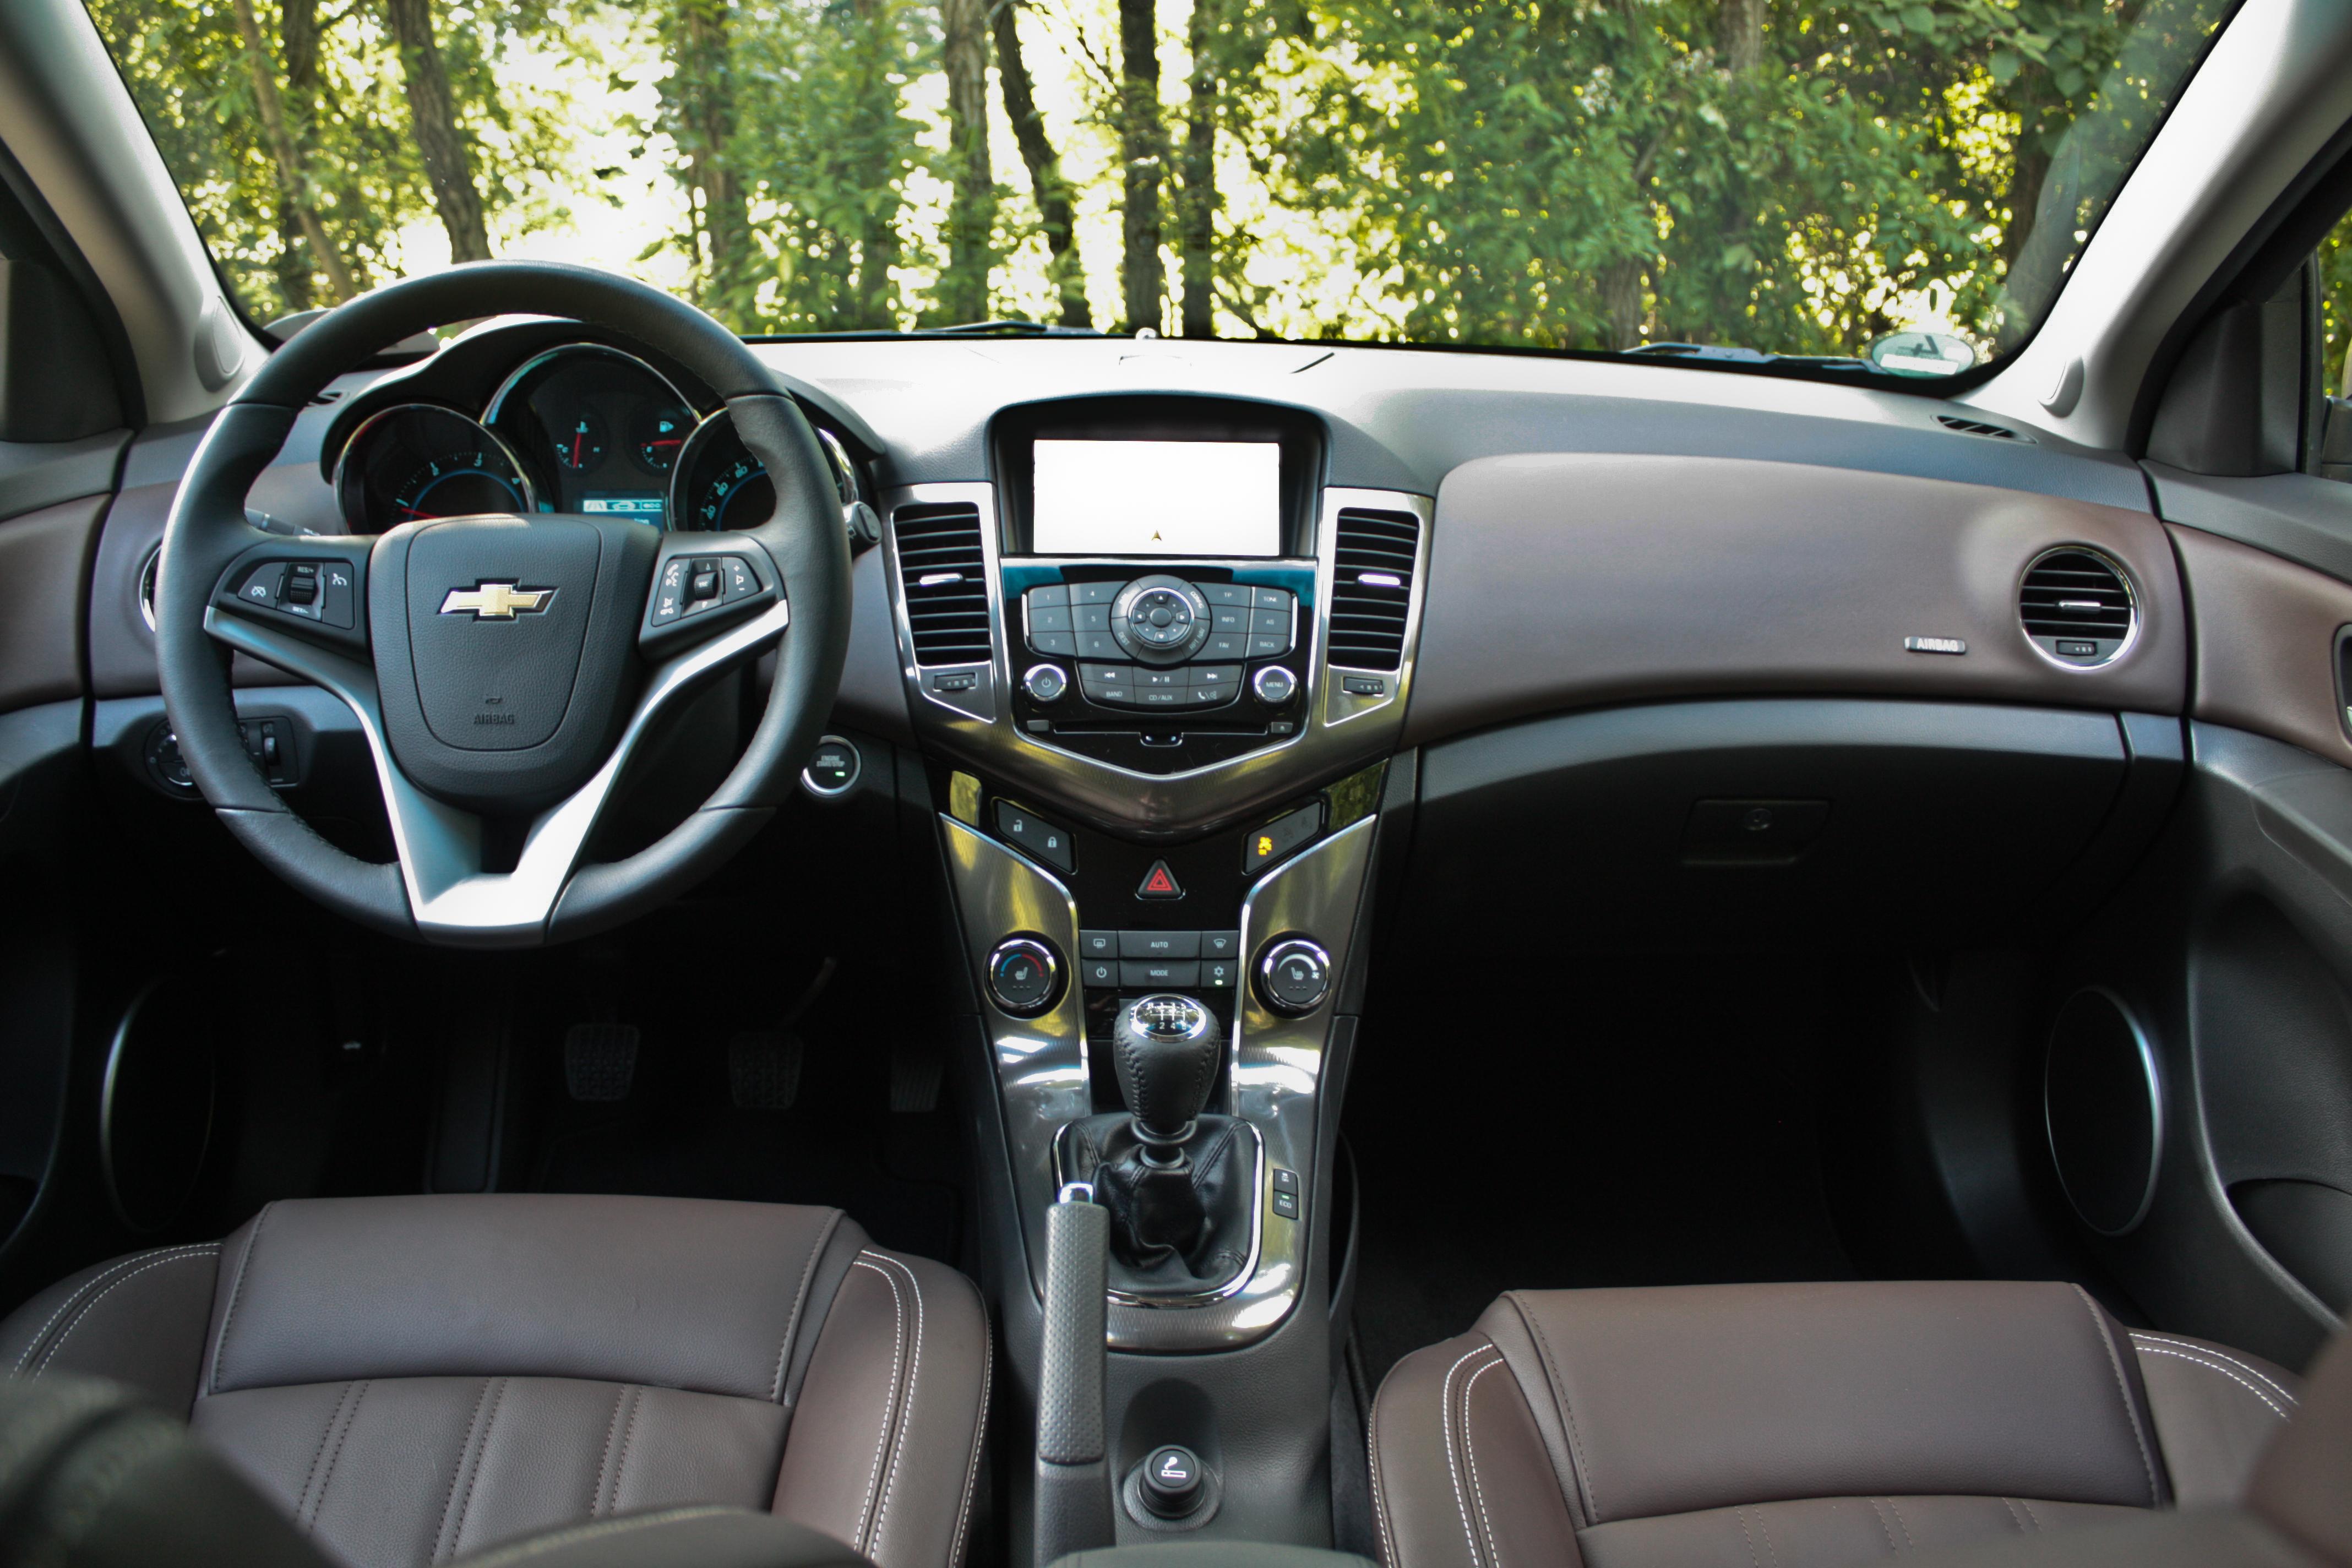 Essai chevrolet cruze sw espace maxi pour prix mini for Chevrolet interieur